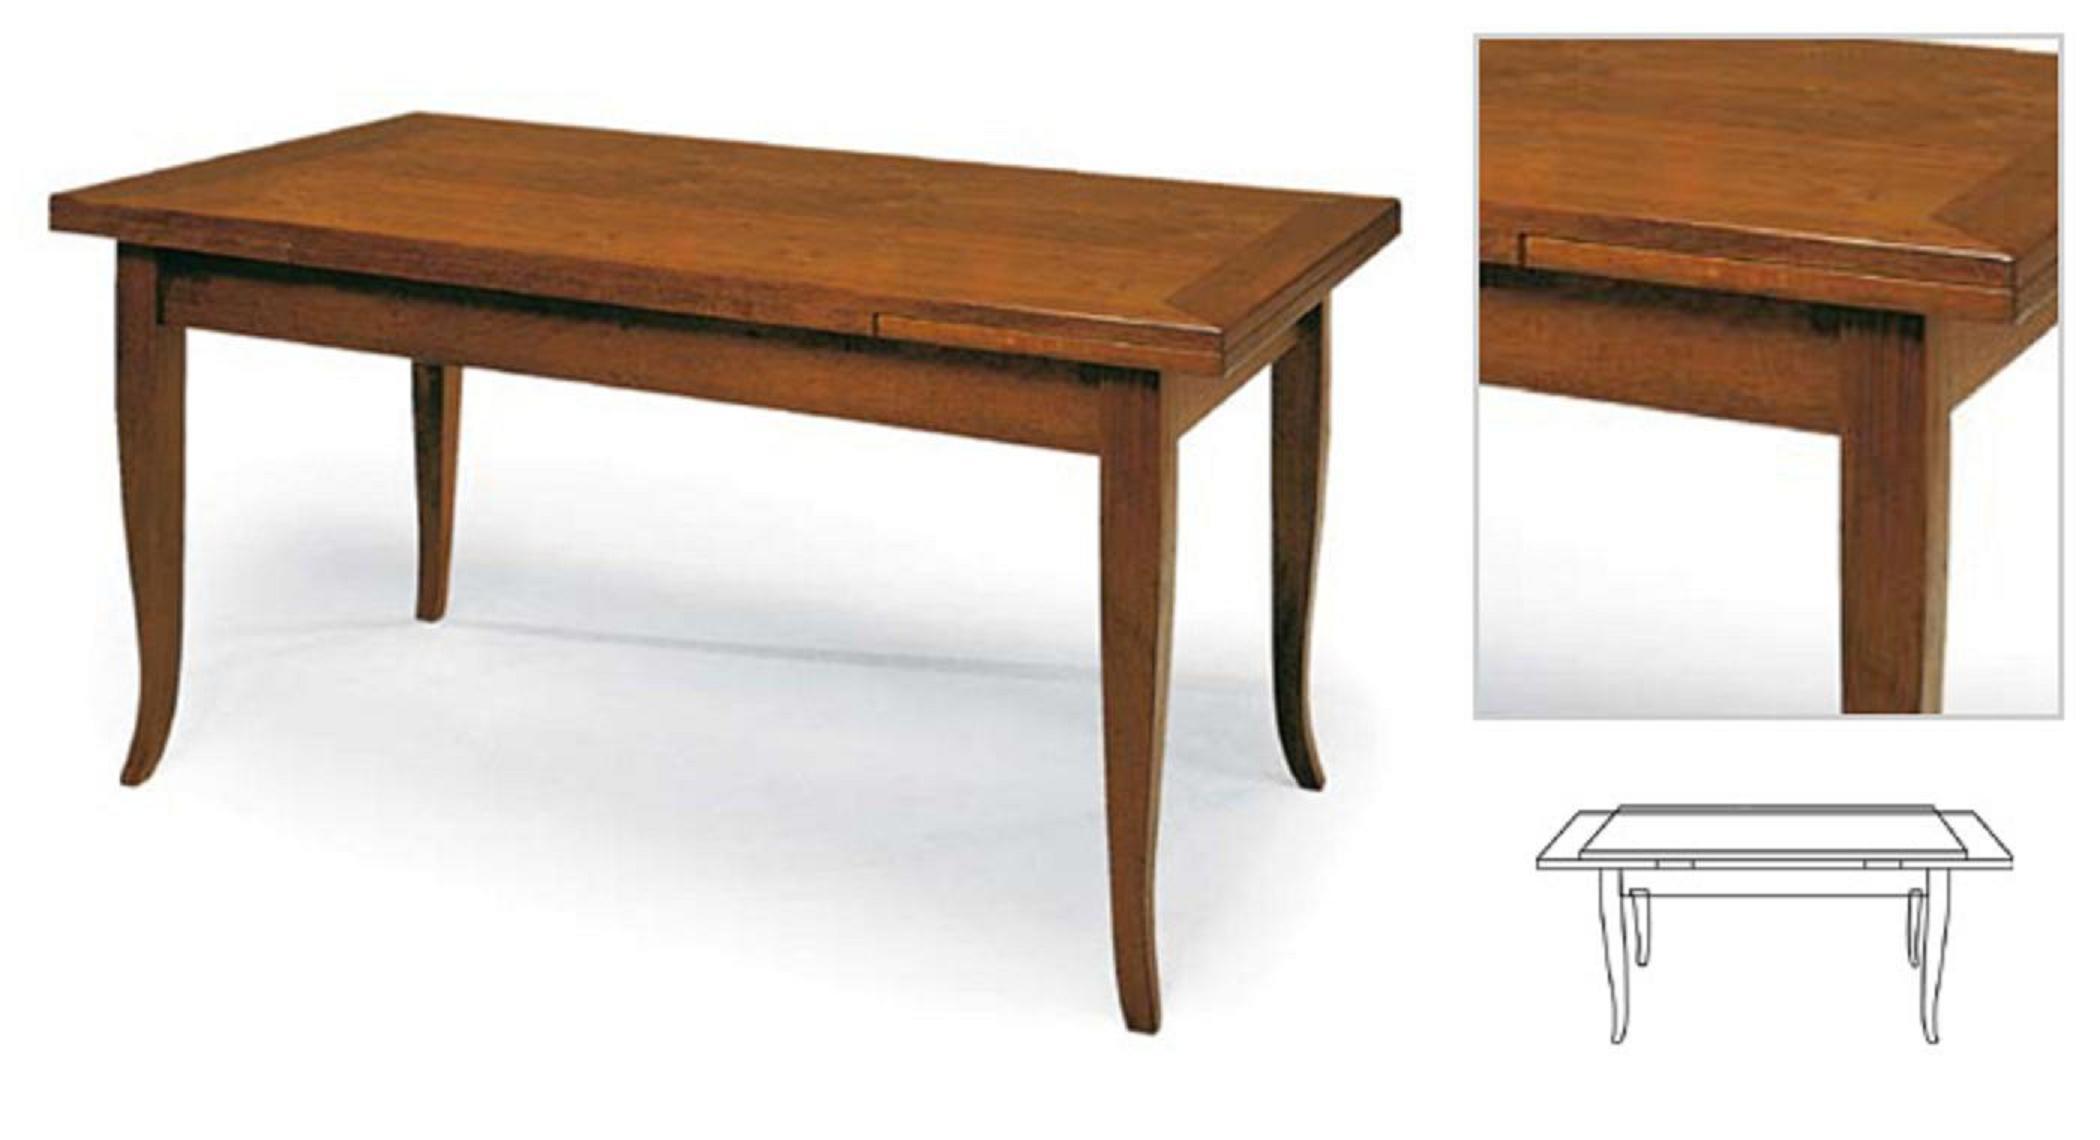 Il classico tavolo in arte povera di una volta una passione che non tramonta mai magazzino - Tavolo a consolle mondo convenienza ...